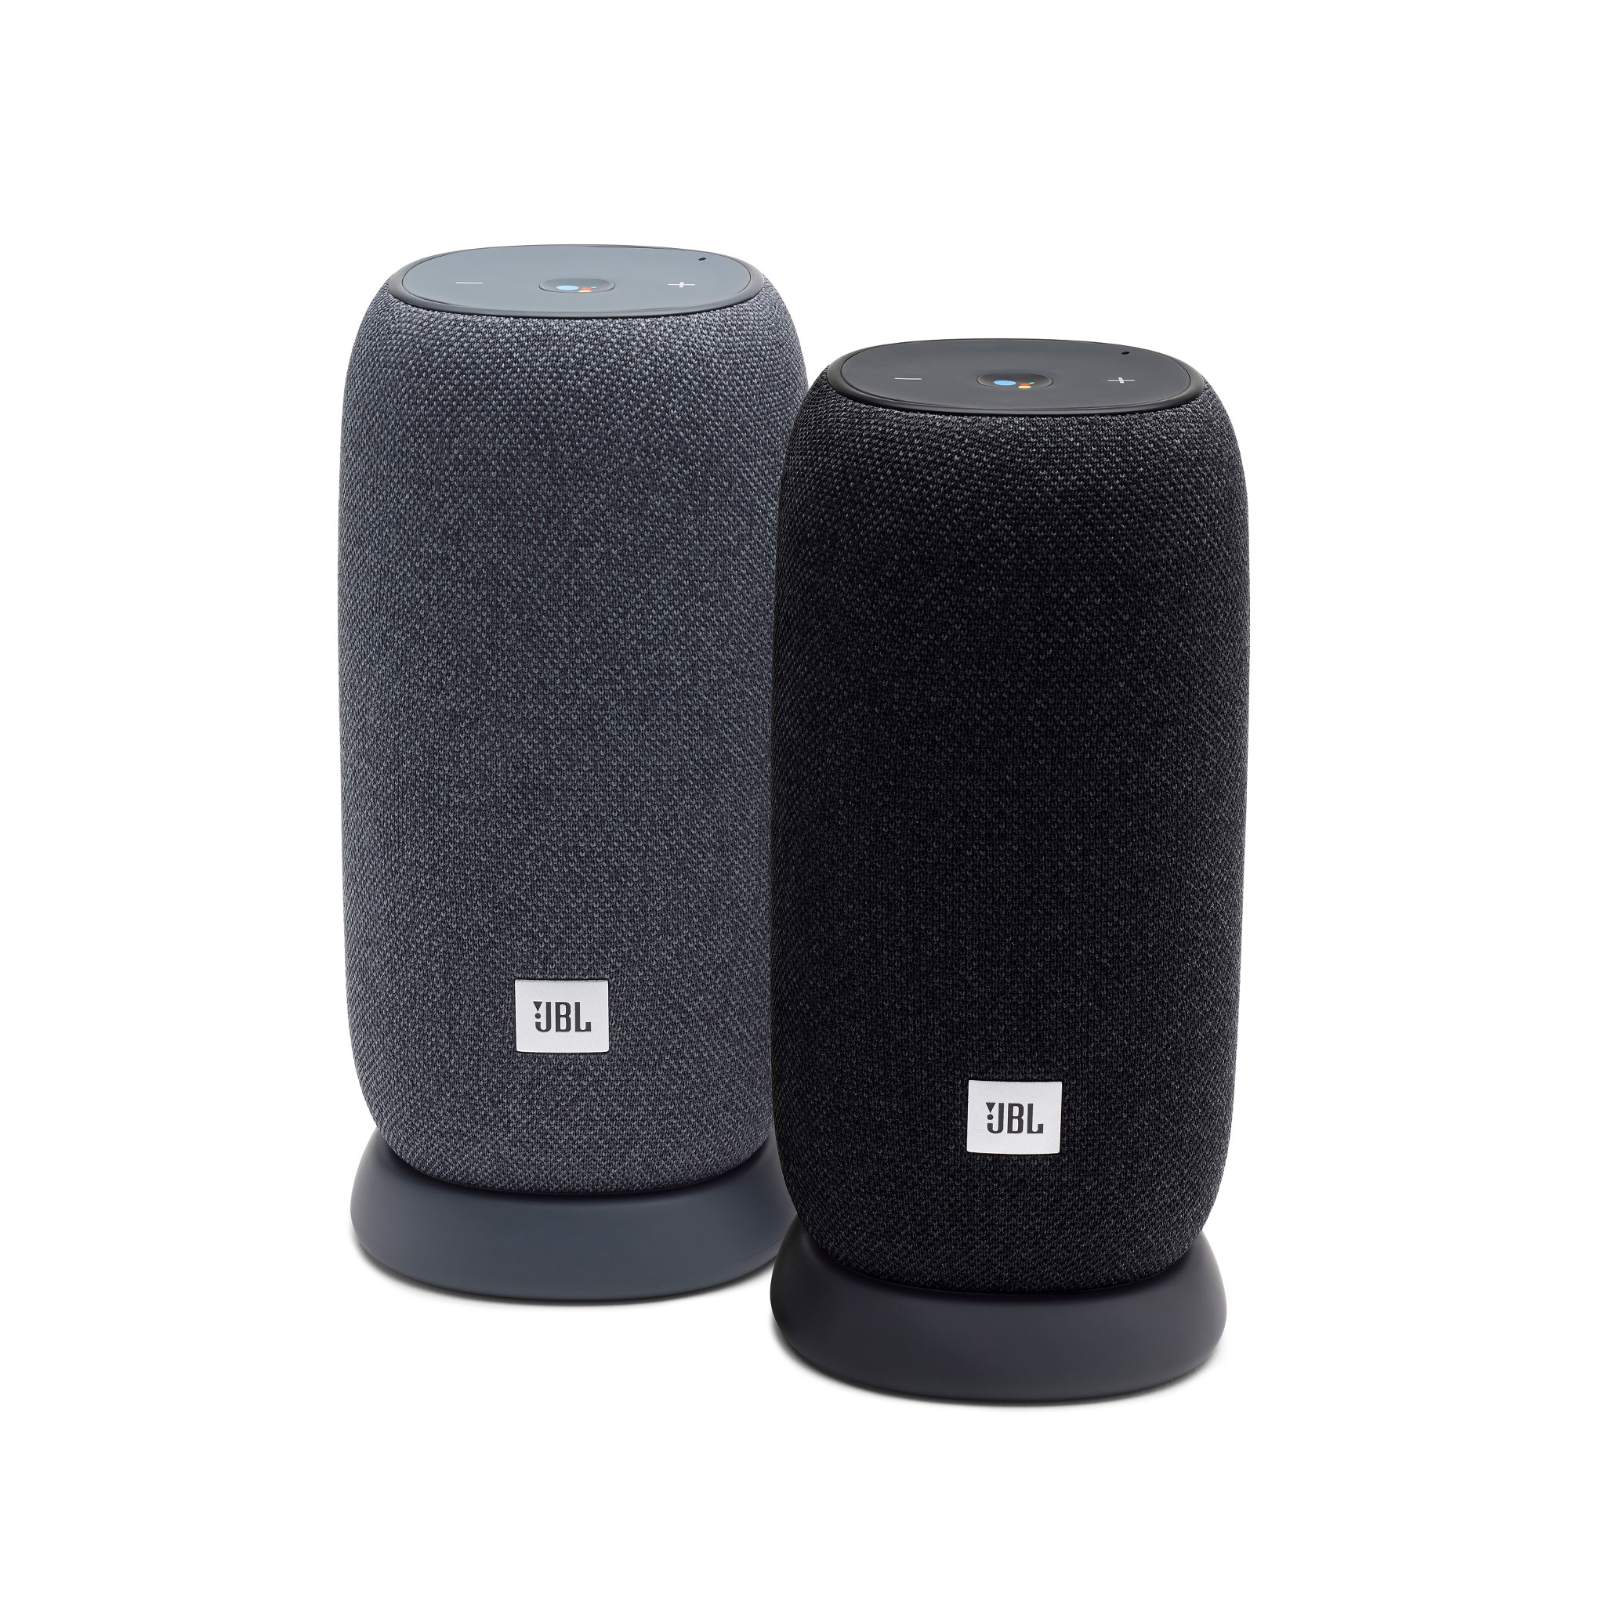 JBL Link Portable - Grey - Portable Wi-Fi Speaker - Detailshot 2